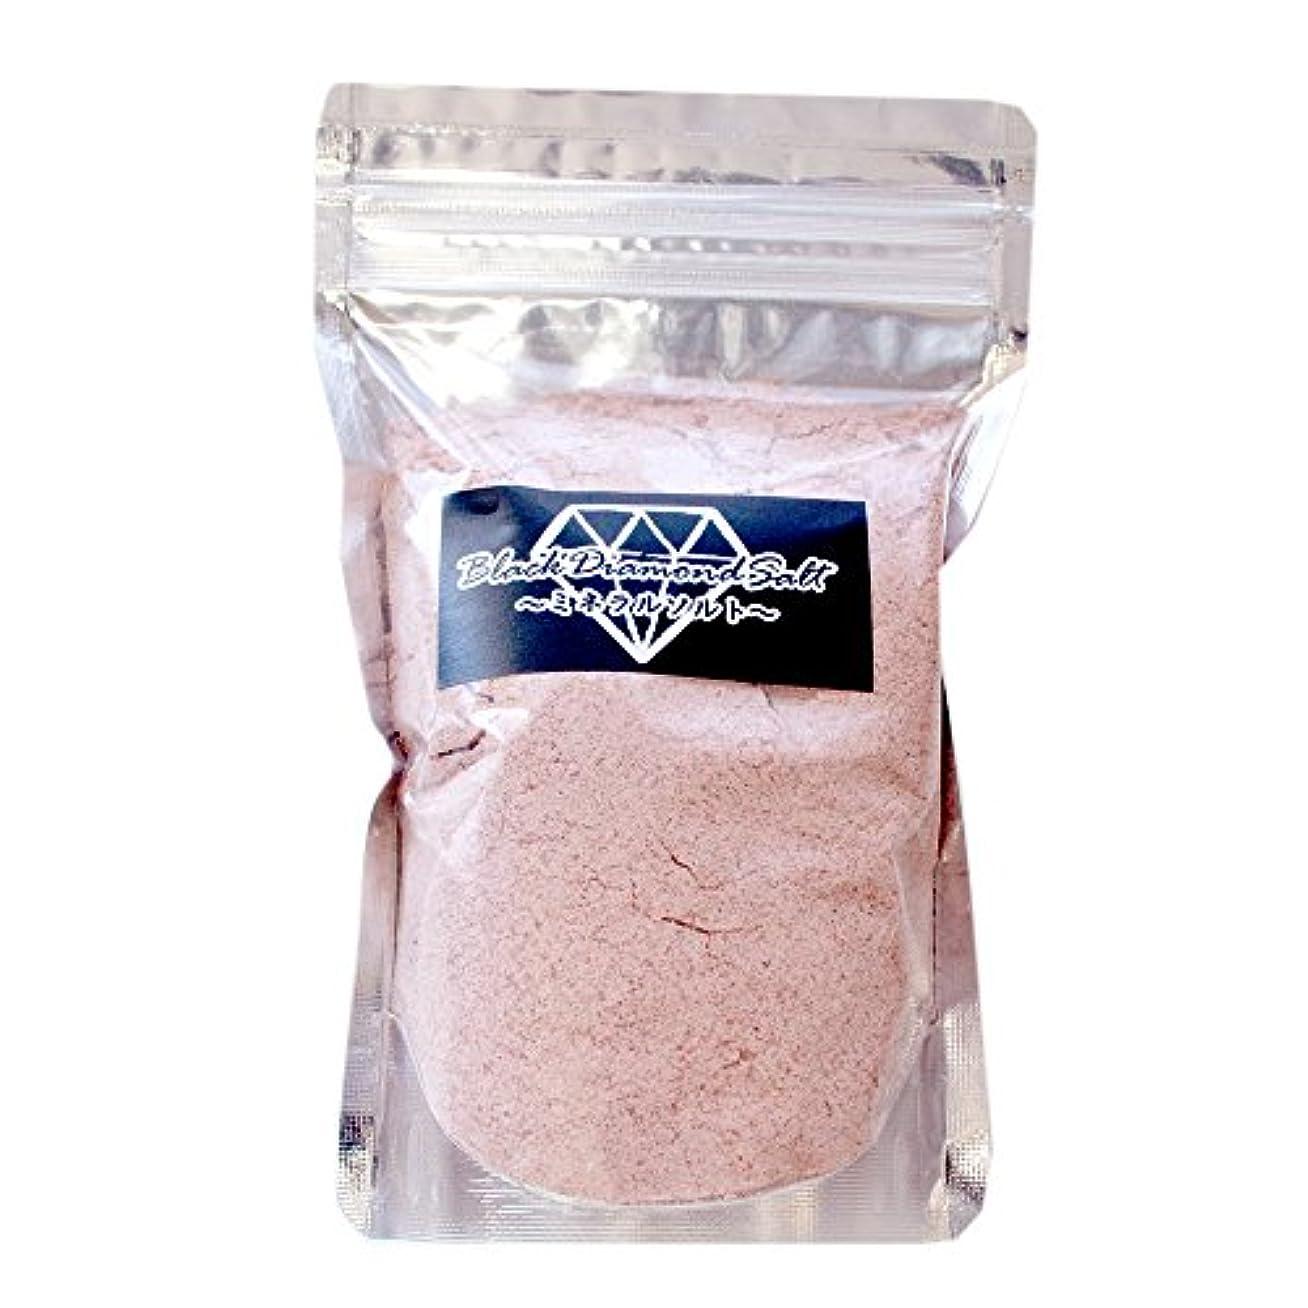 自動化抗生物質包囲岩塩風呂 ブラックダイヤソルト岩塩400g(約13回分)